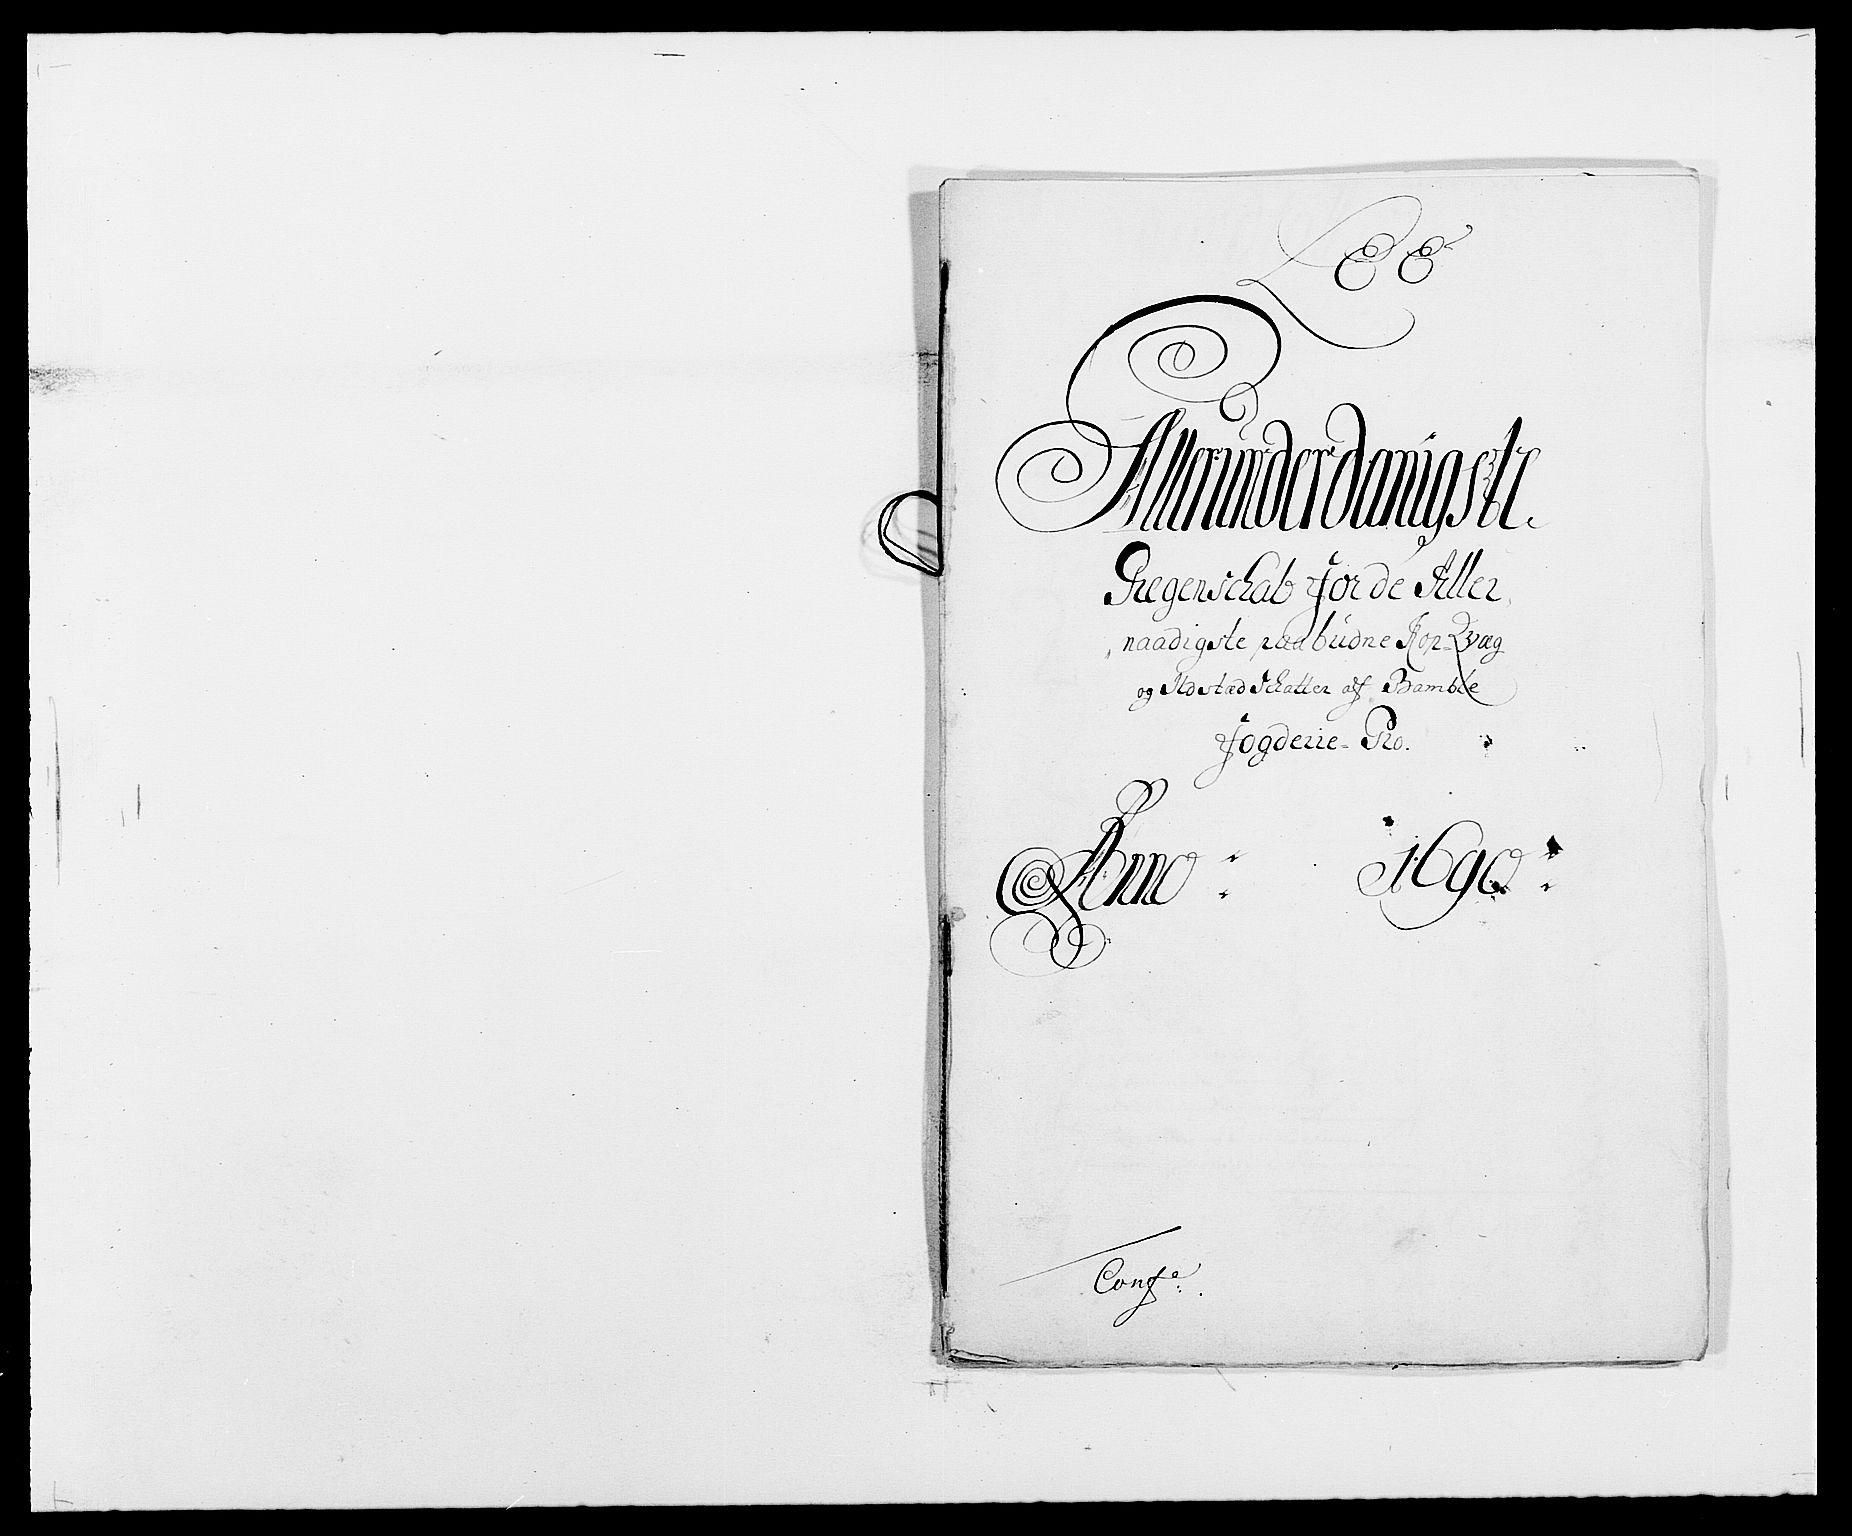 RA, Rentekammeret inntil 1814, Reviderte regnskaper, Fogderegnskap, R34/L2051: Fogderegnskap Bamble, 1688-1691, s. 133